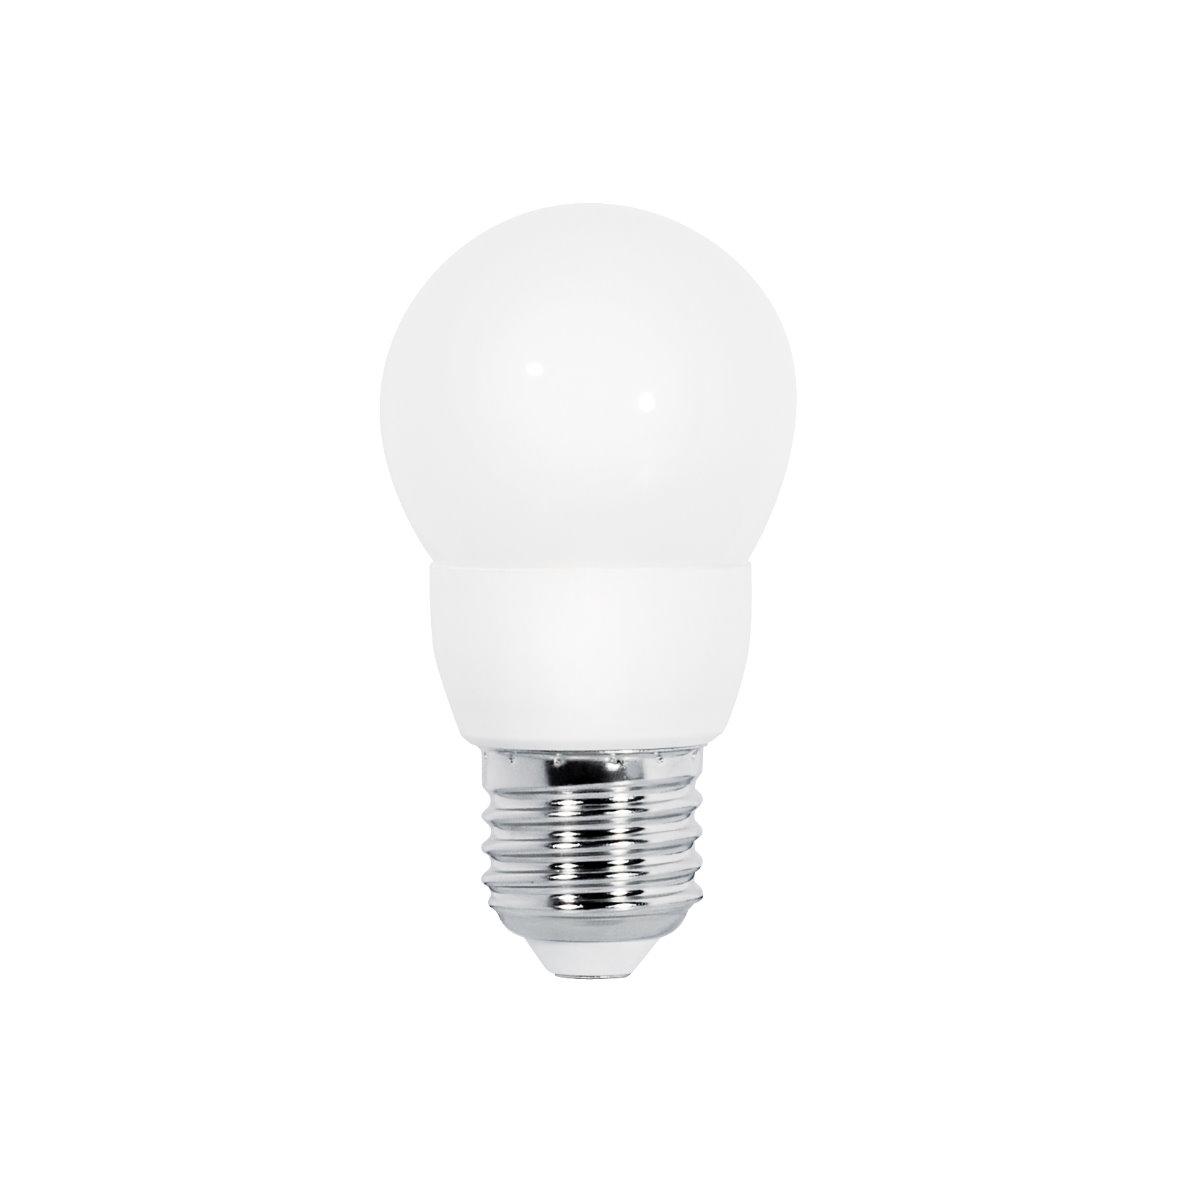 led smd leuchtmittel birne kerze windsto dimmbar licht. Black Bedroom Furniture Sets. Home Design Ideas